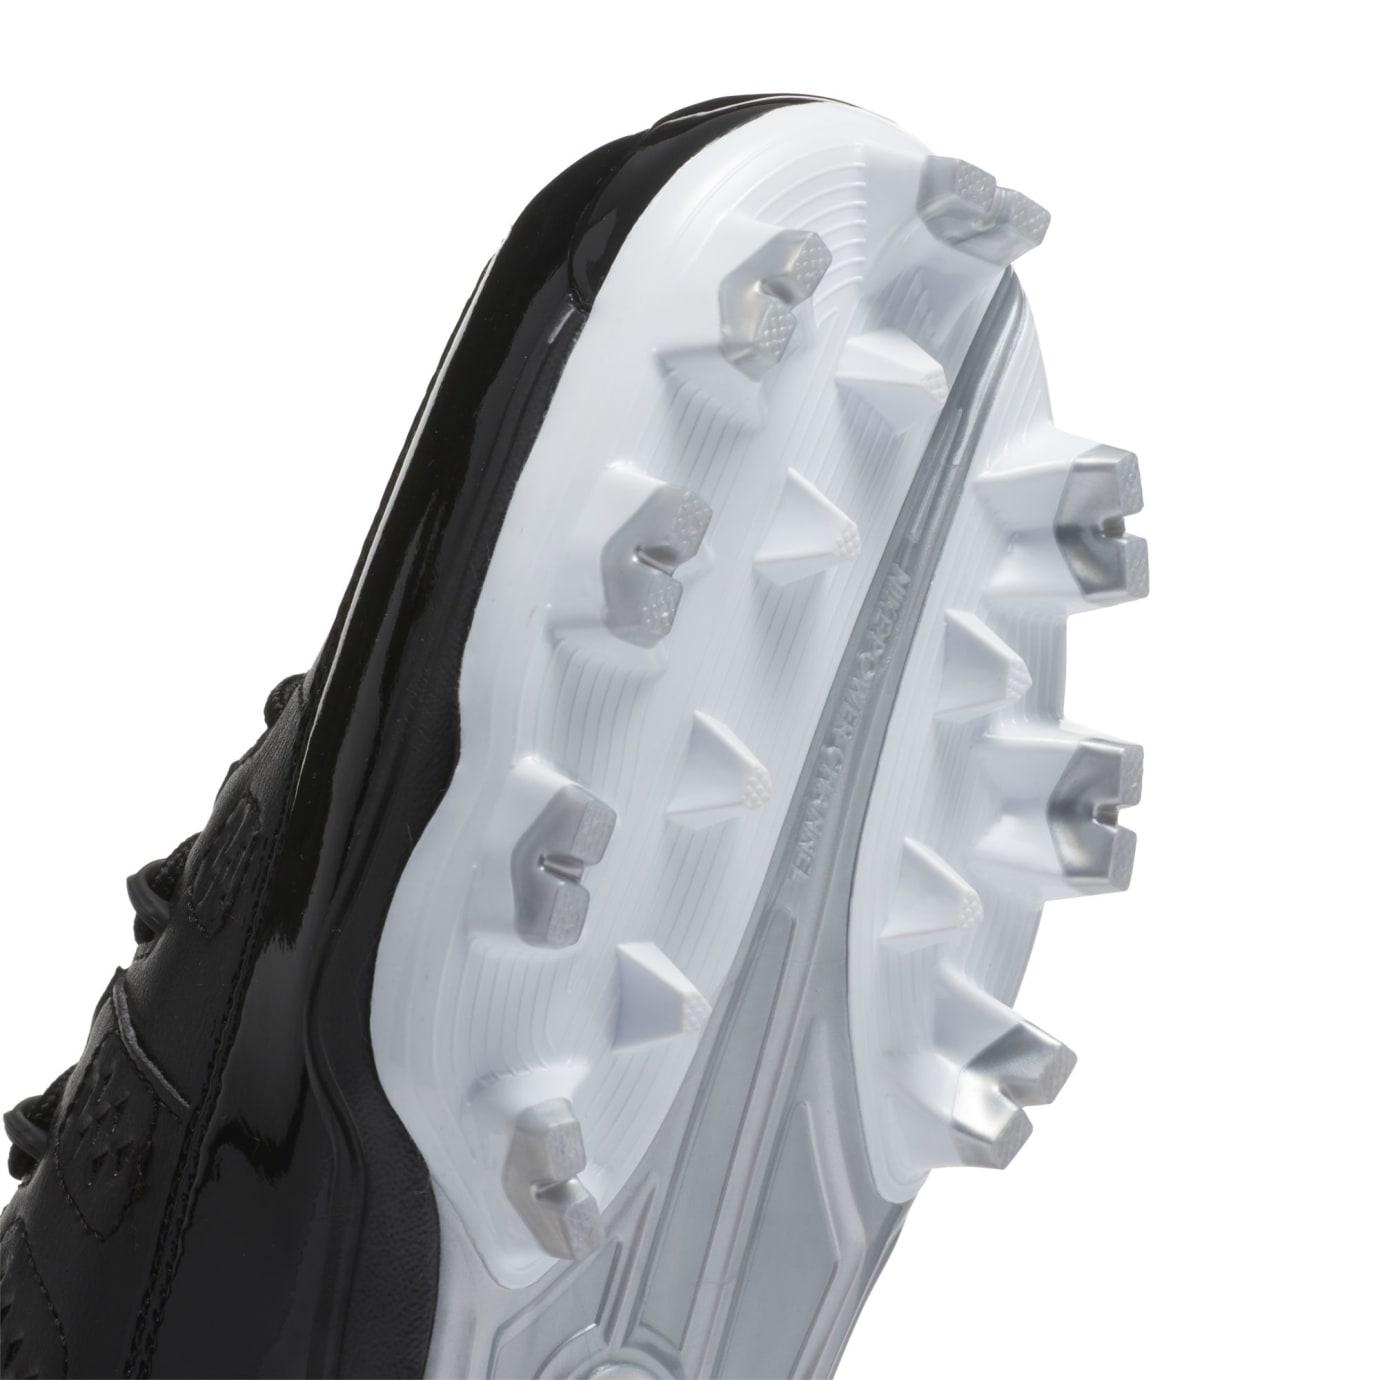 Air Jordan 9 IX MCS Baseball Cleats Black Cleat Plate